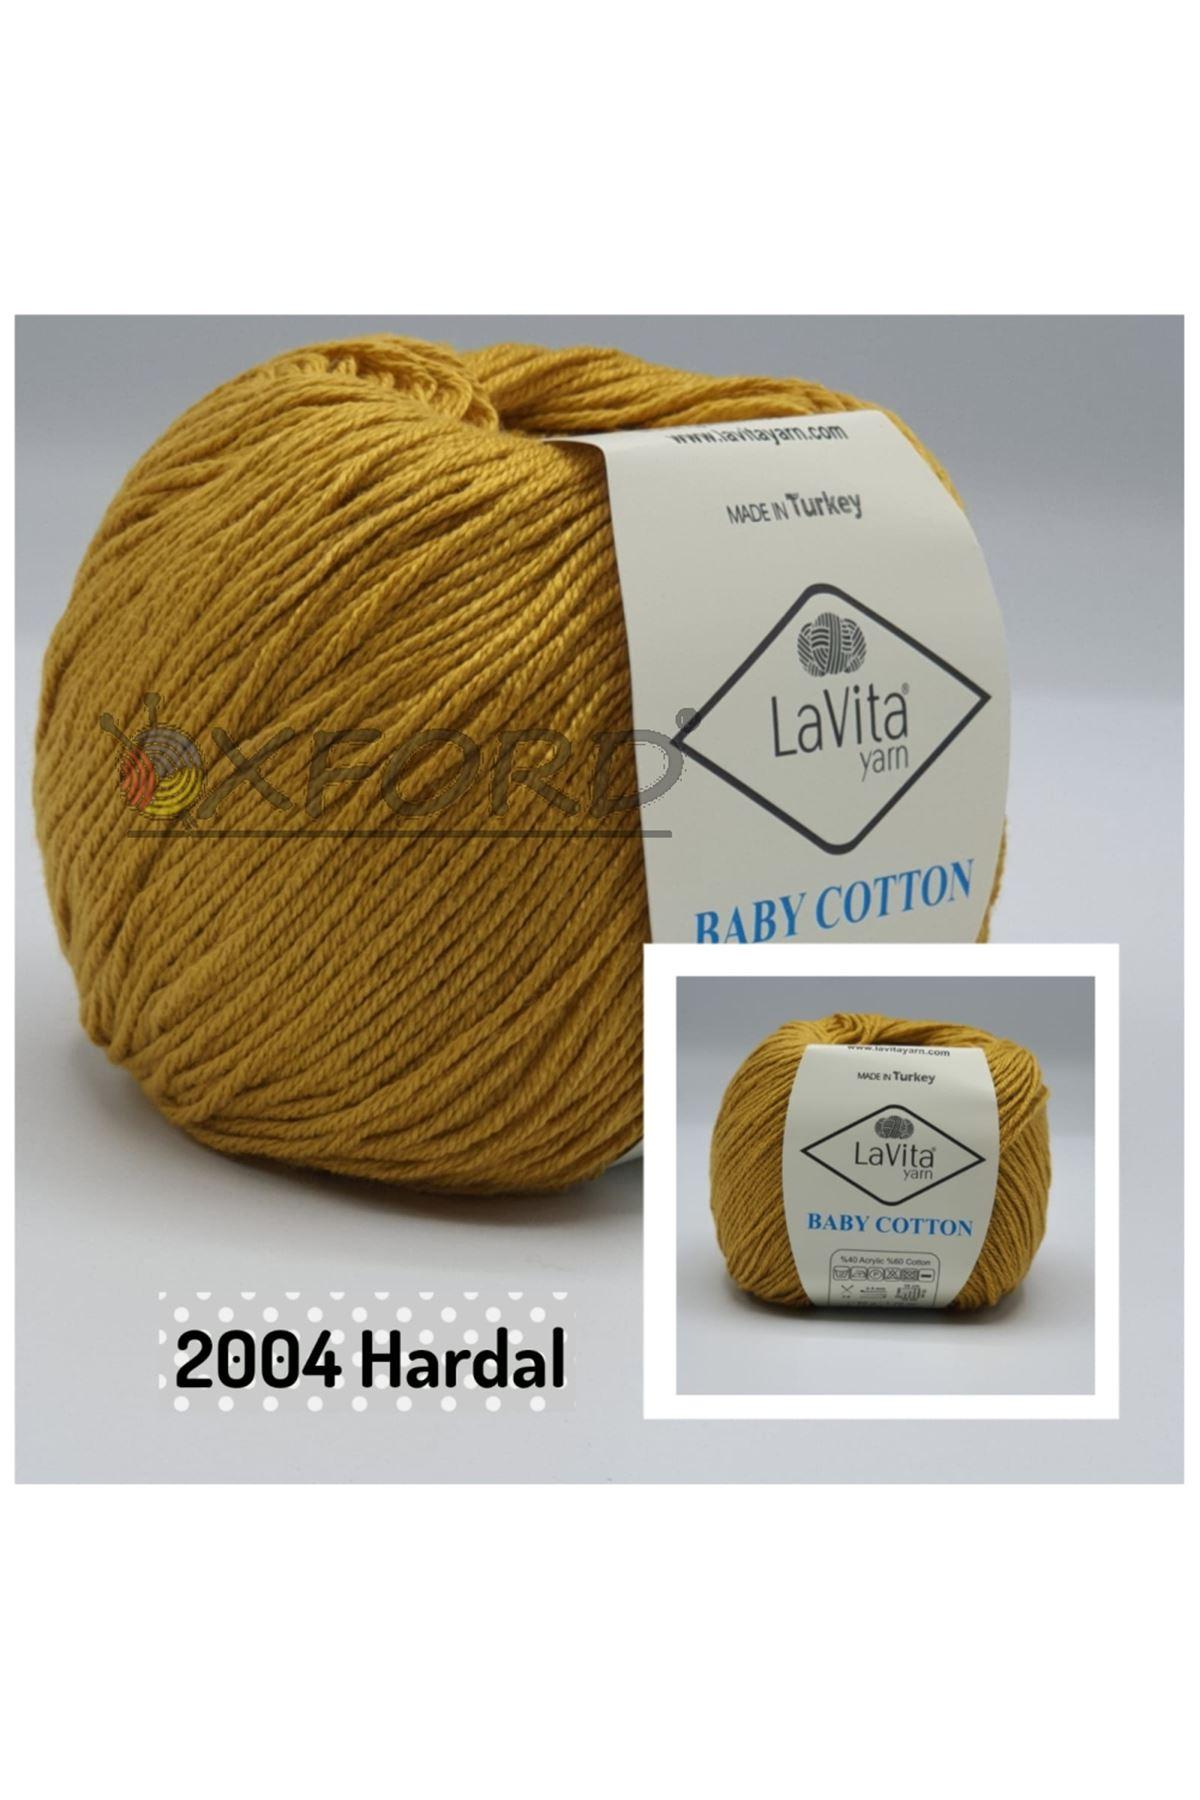 Lavita Baby Cotton 2004 Hardal